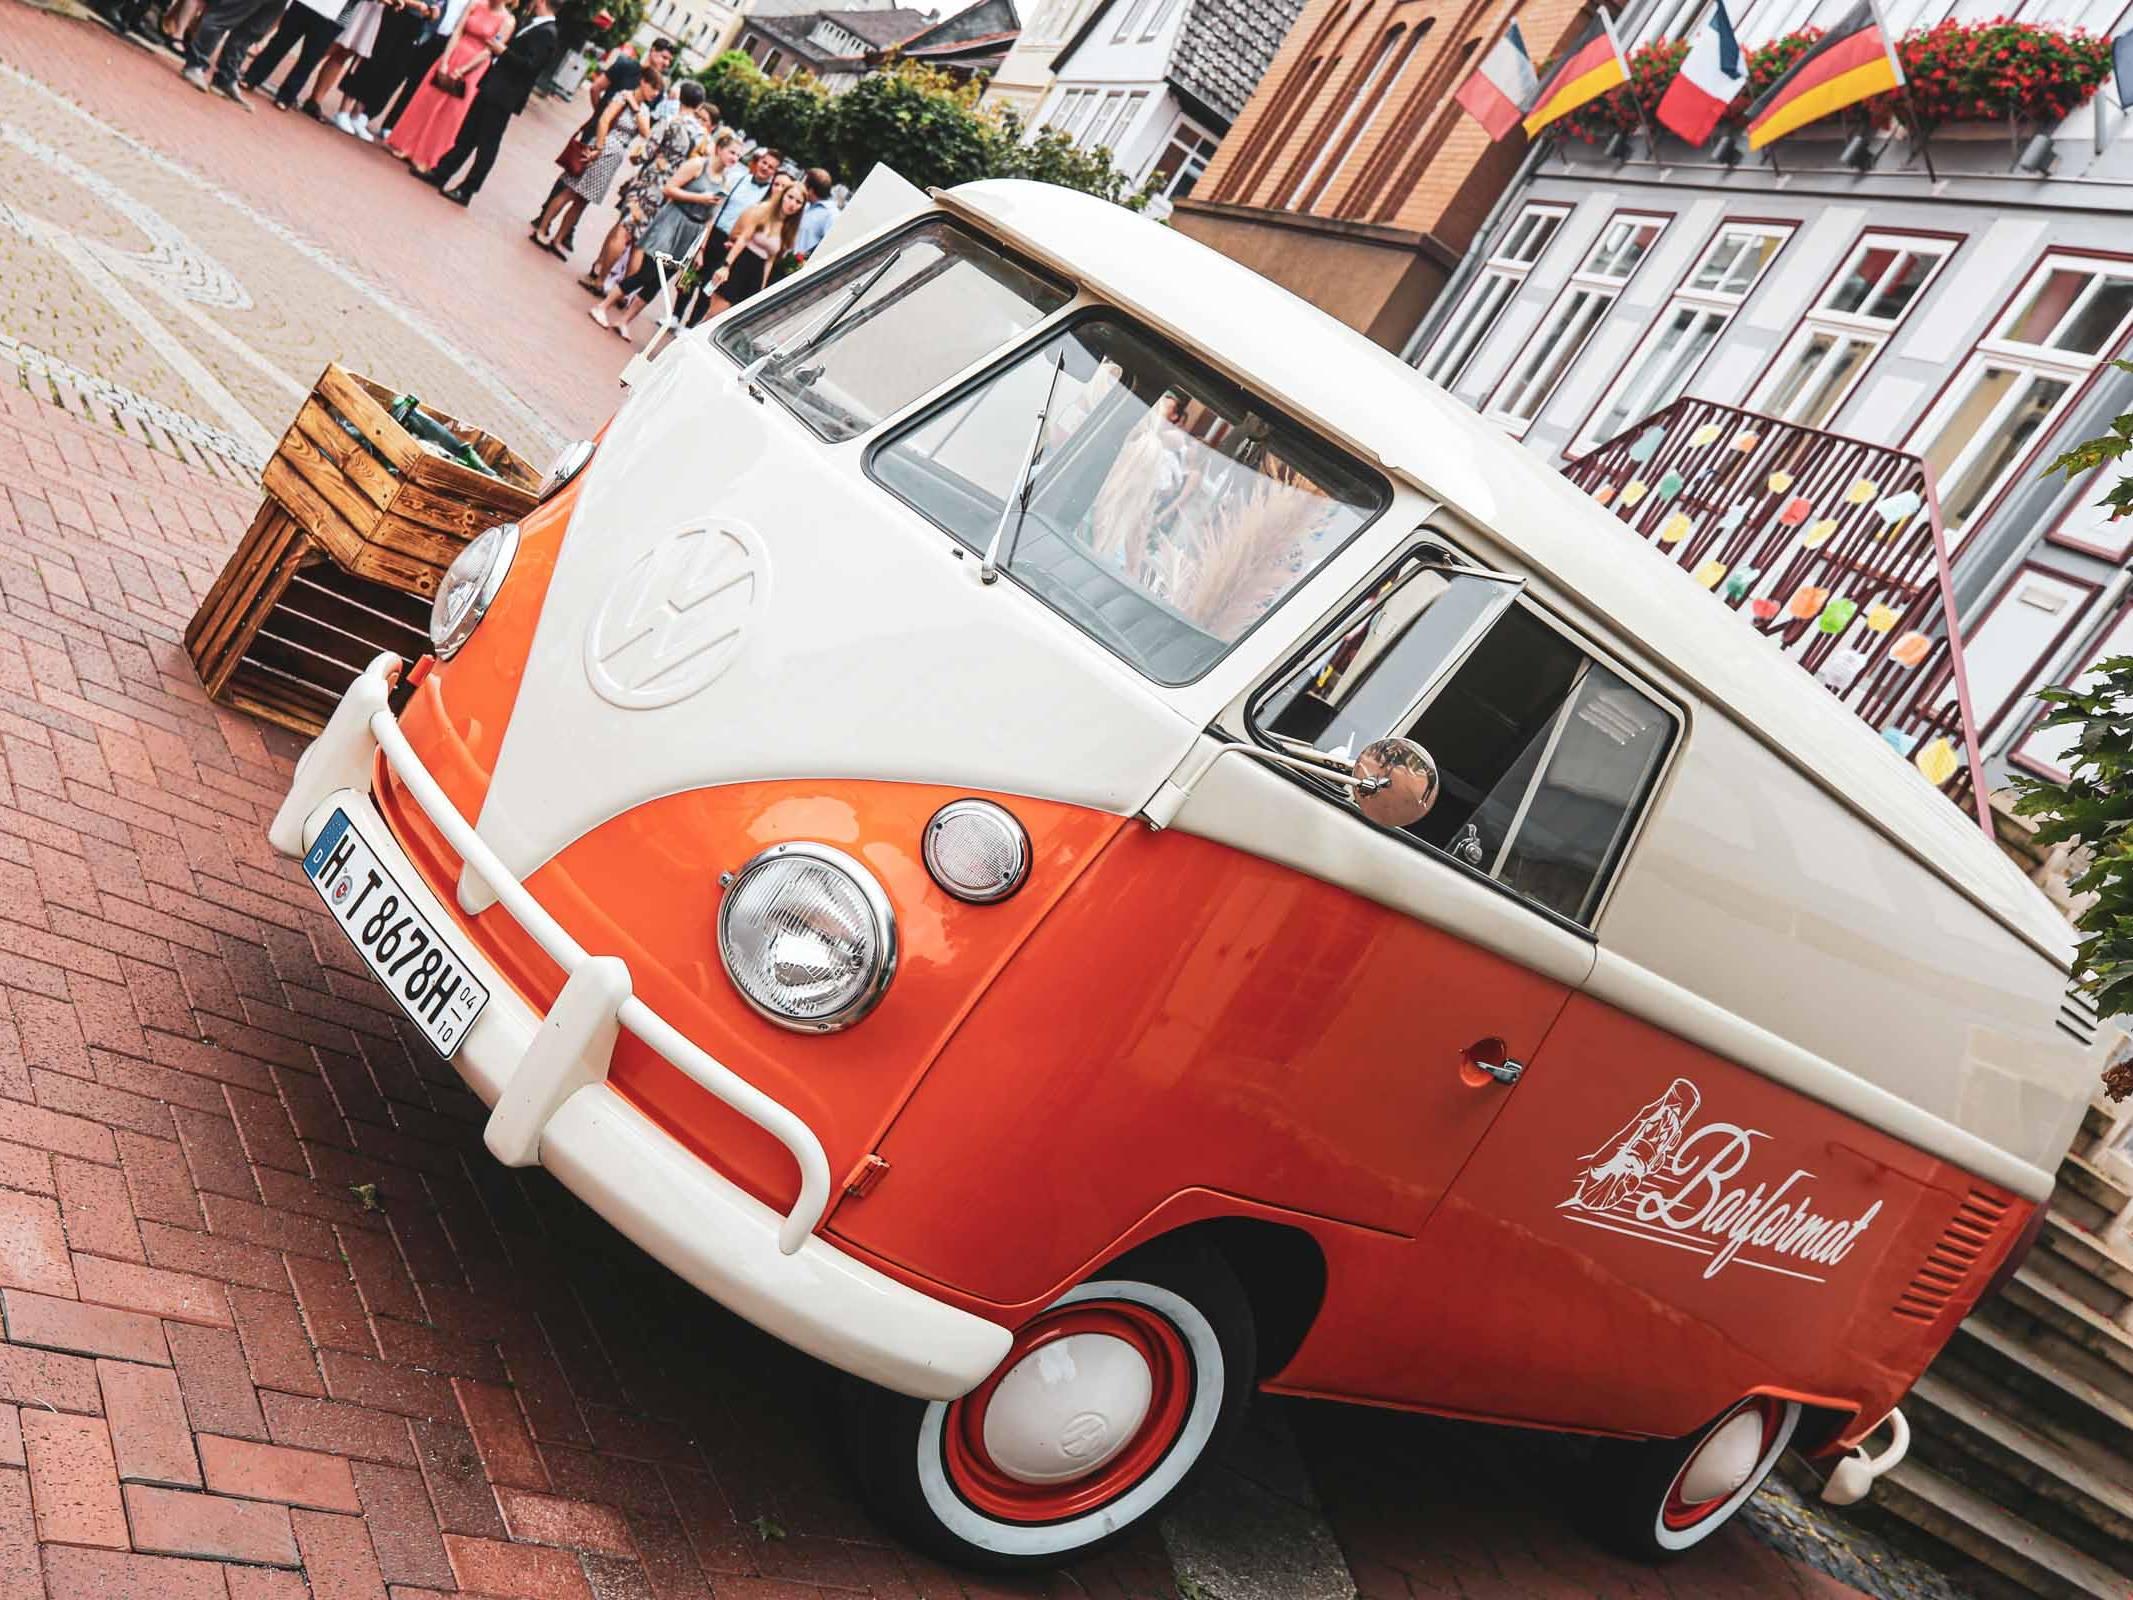 Mobile | Cocktailbar | Hochzeit | Sektempfang | Barkeeper | Buchen | Mieten | Geburtstag | Ape | VW | Bar | Foodtruck | Getränke | Catering | Ginbar | Weinbar | Sektbar | Kaffeebar | Messe | Standesamt | Hannover